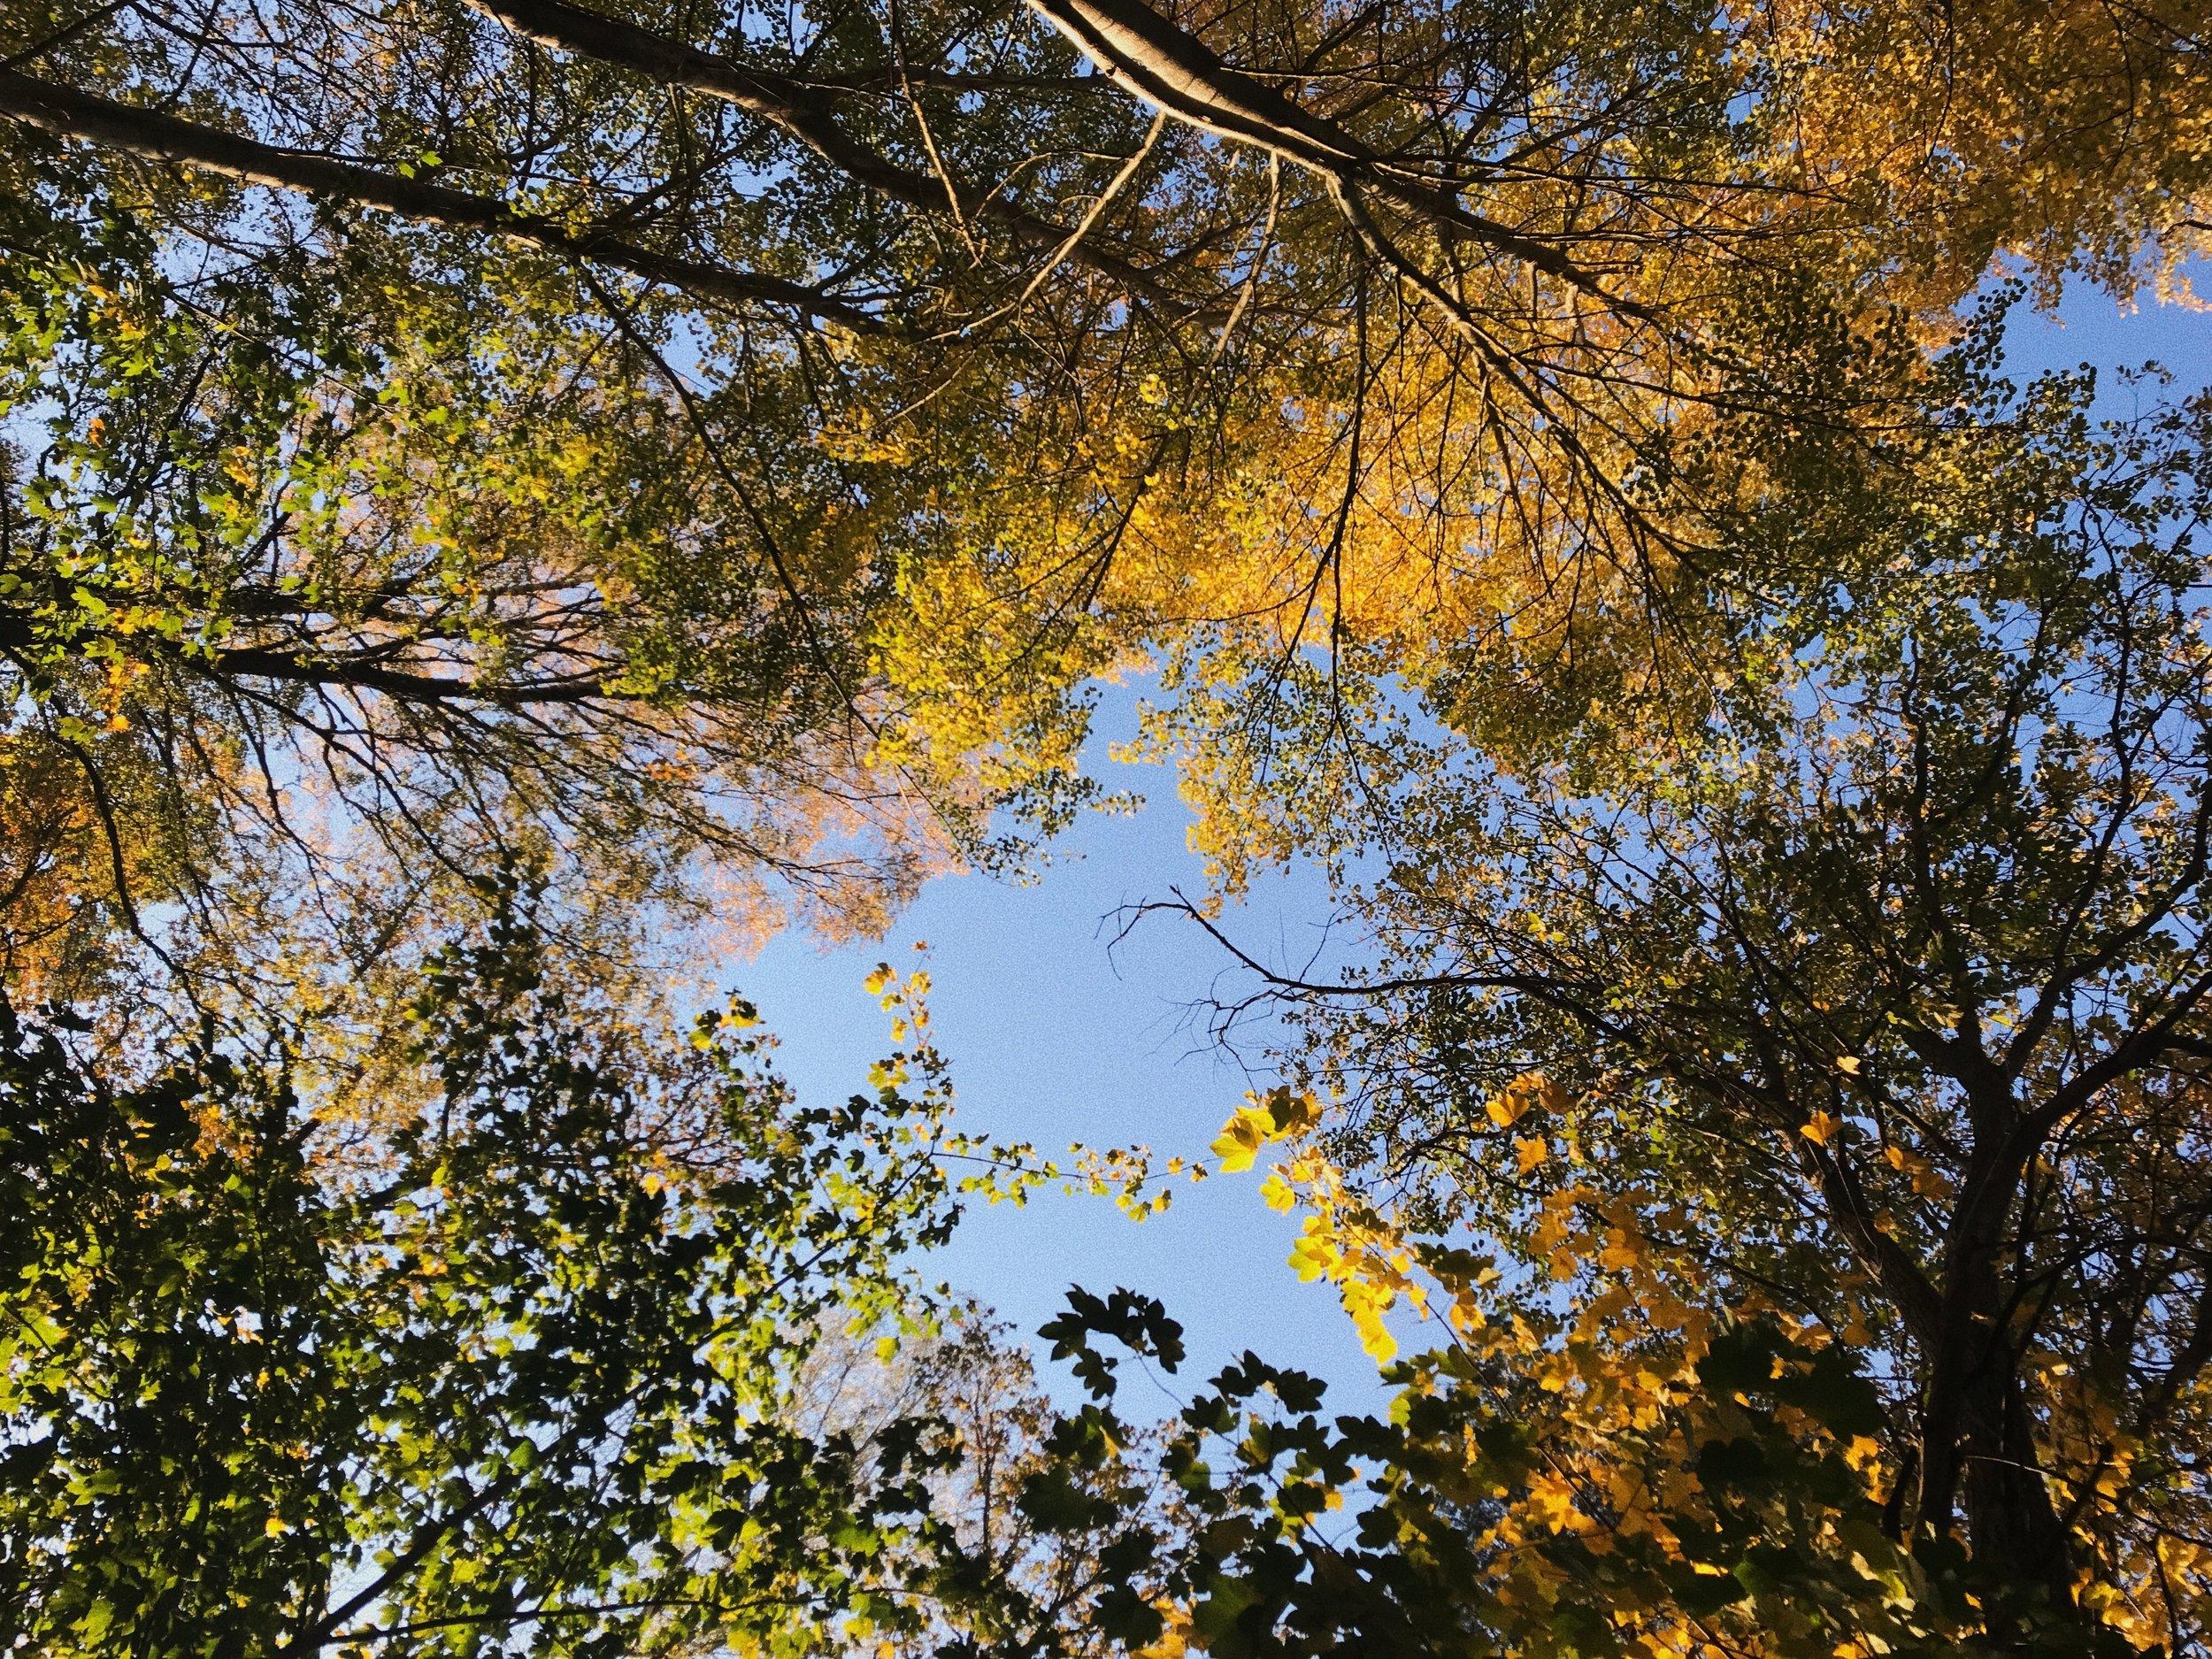 autumn-sweden-2018